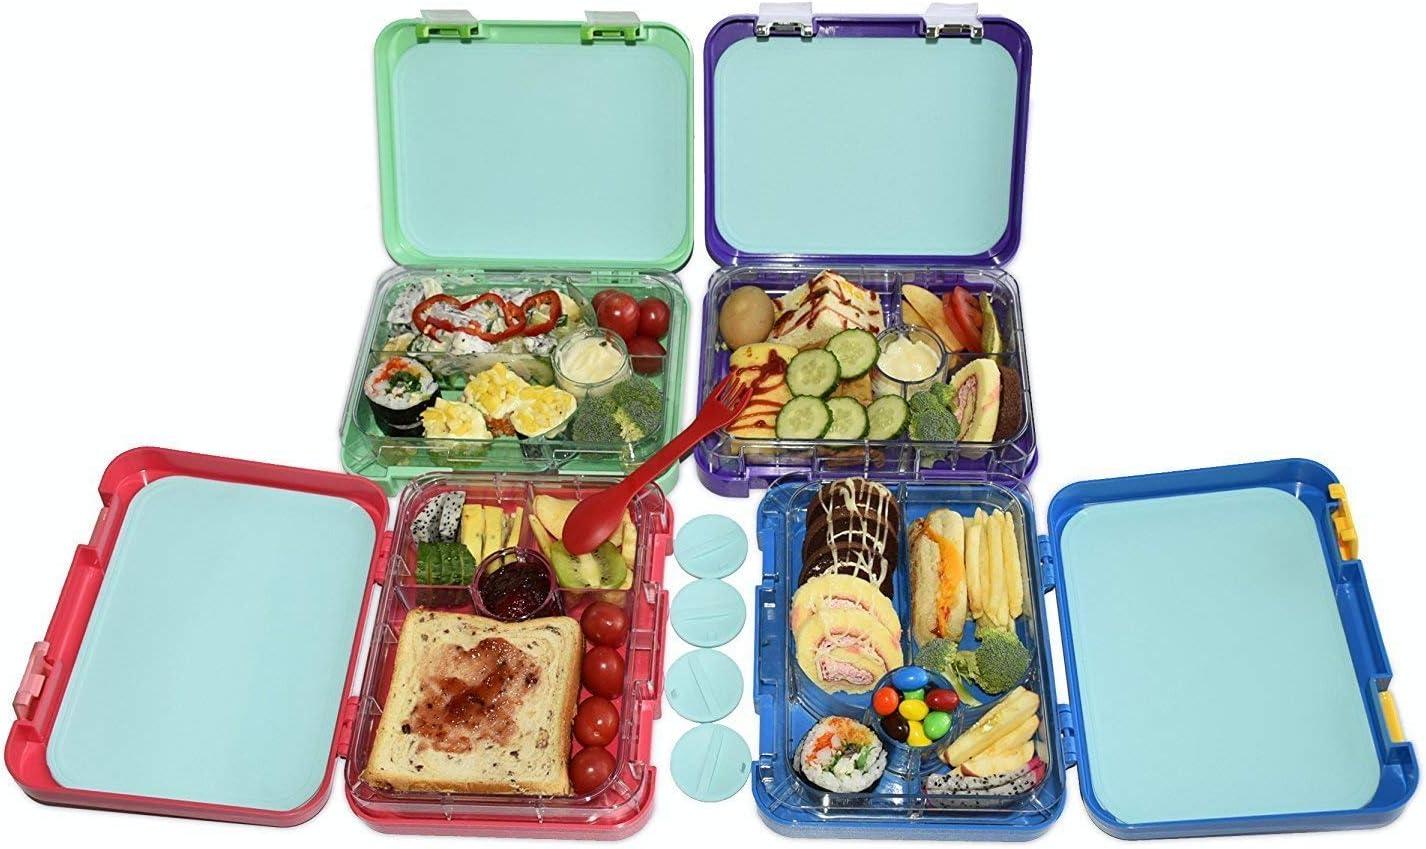 con Spork,rosa ni/ñas a prueba de fugas Cajas de almuerzo Bento de 4 compartimentos aptas para microondas Fiambrera para la escuela para los adolescentes ni/ños